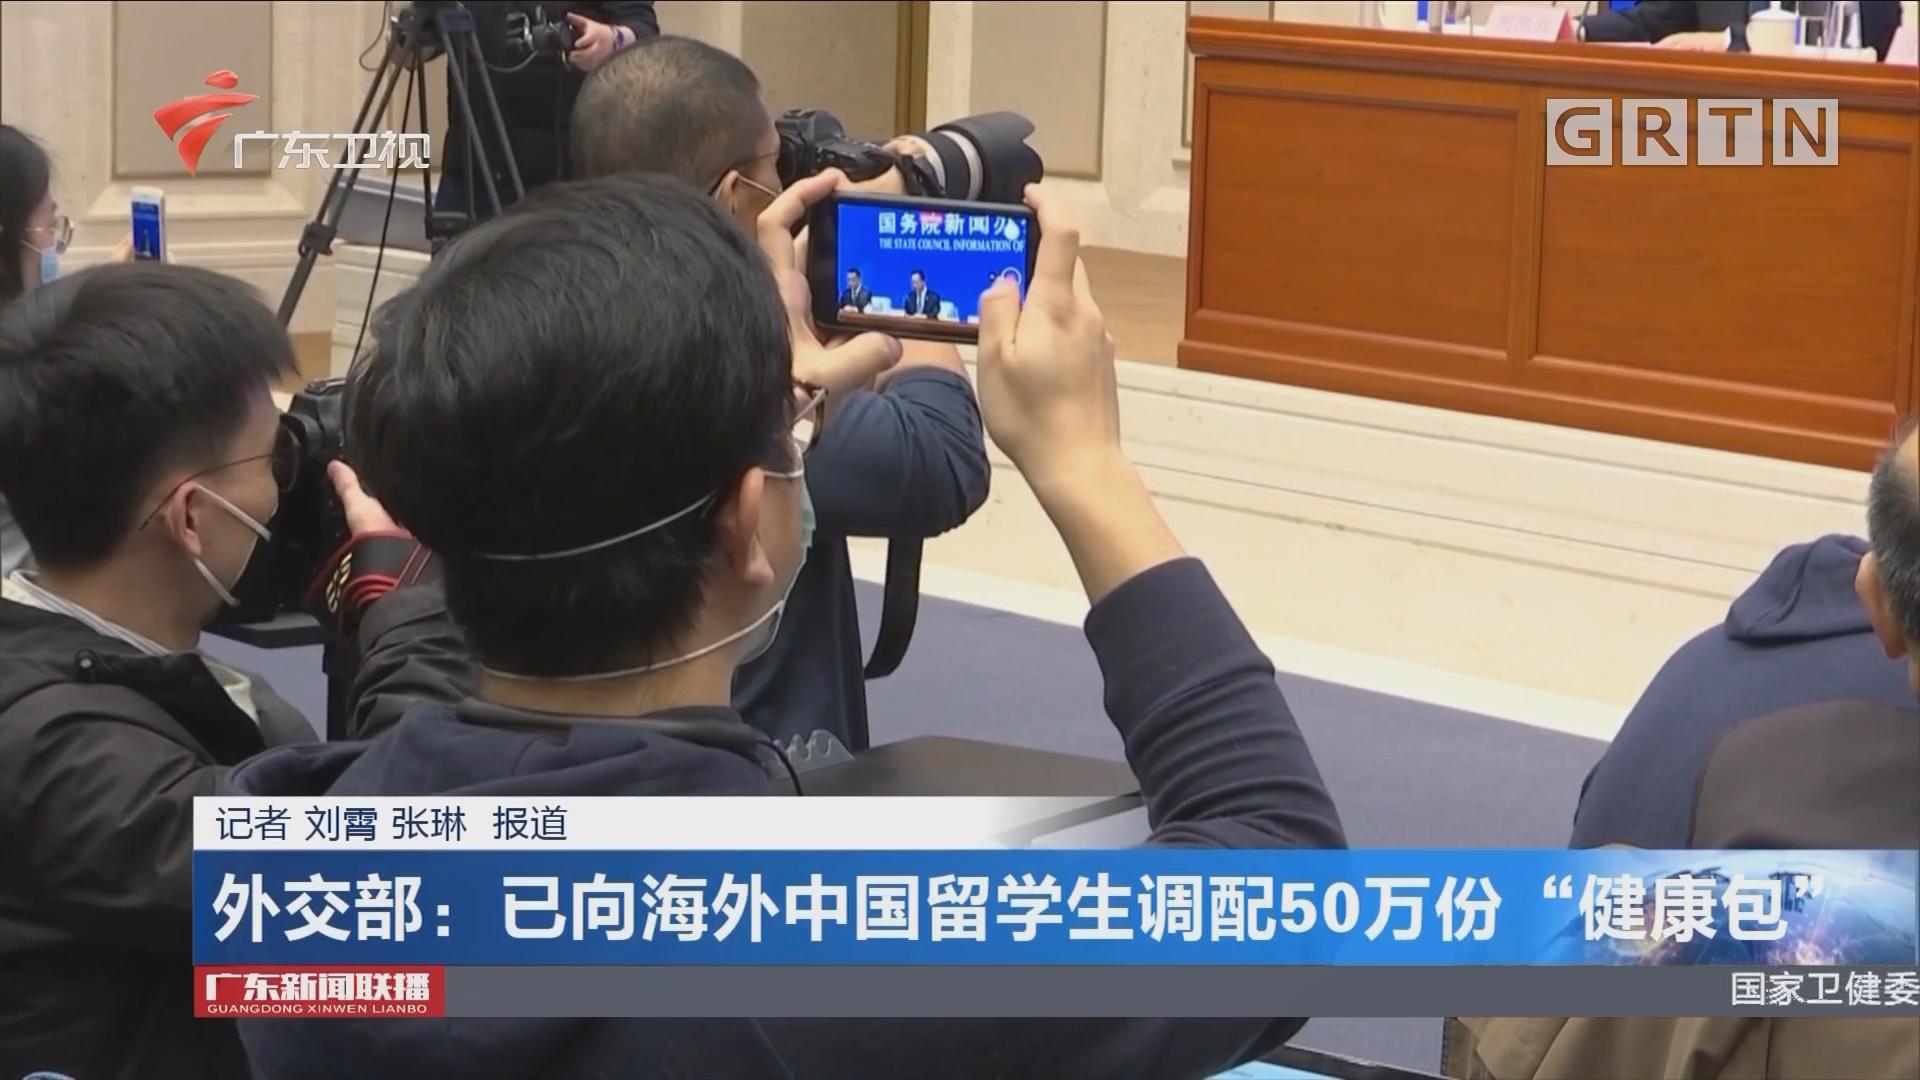 """外交部:已向海外中国留学生调配50万份""""健康包"""""""